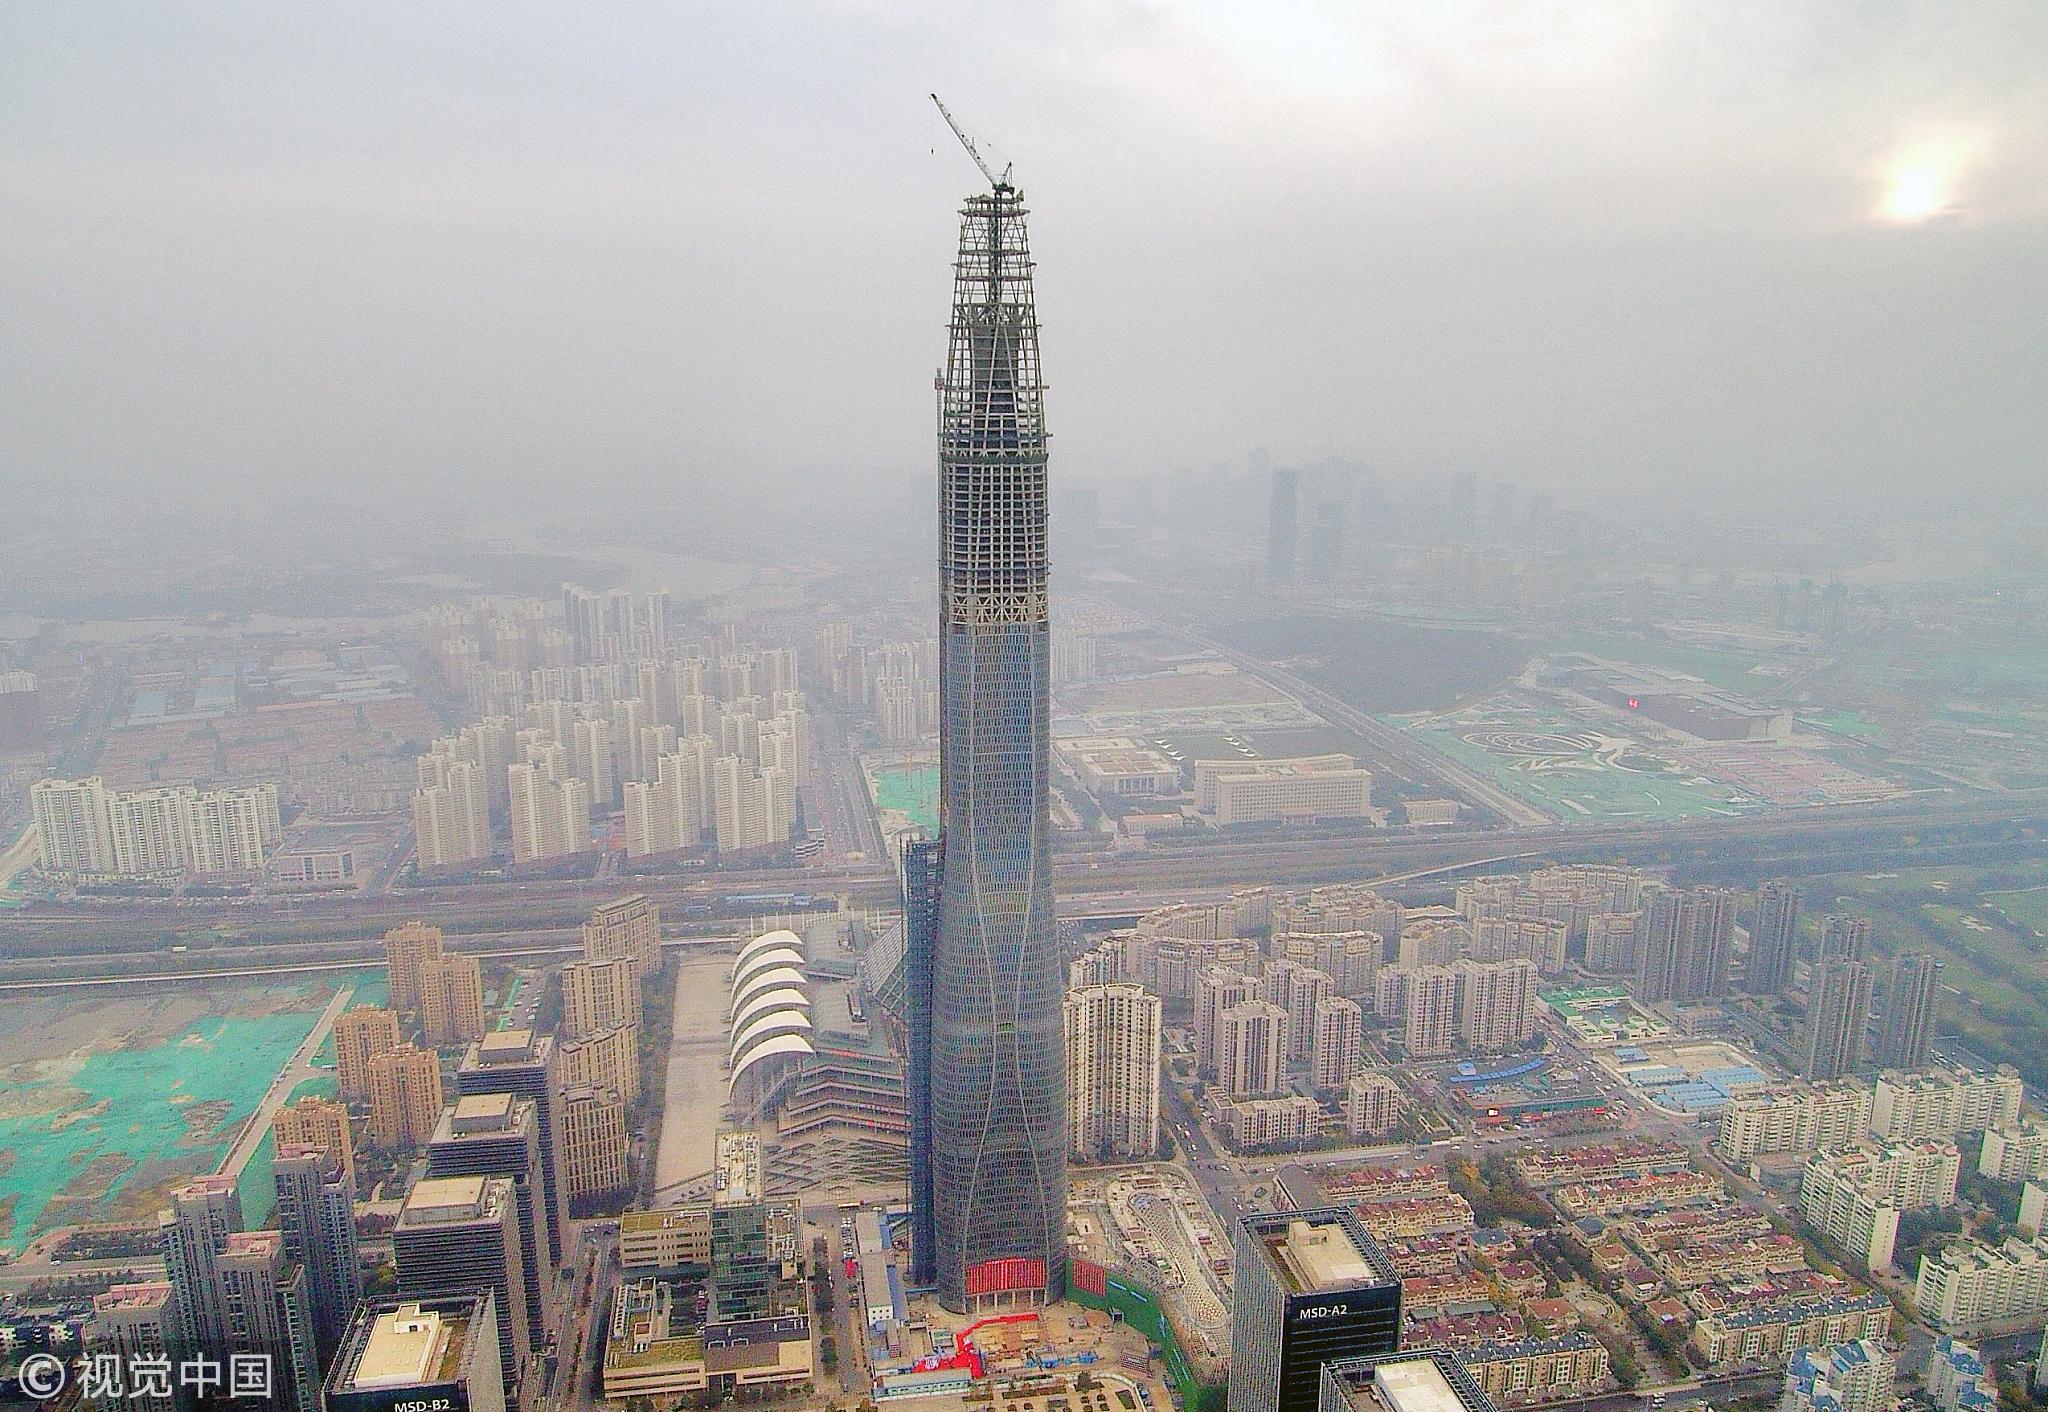 北方在建第一高楼加冕530米:两天一层楼! - 周公乐 - xinhua8848 的博客